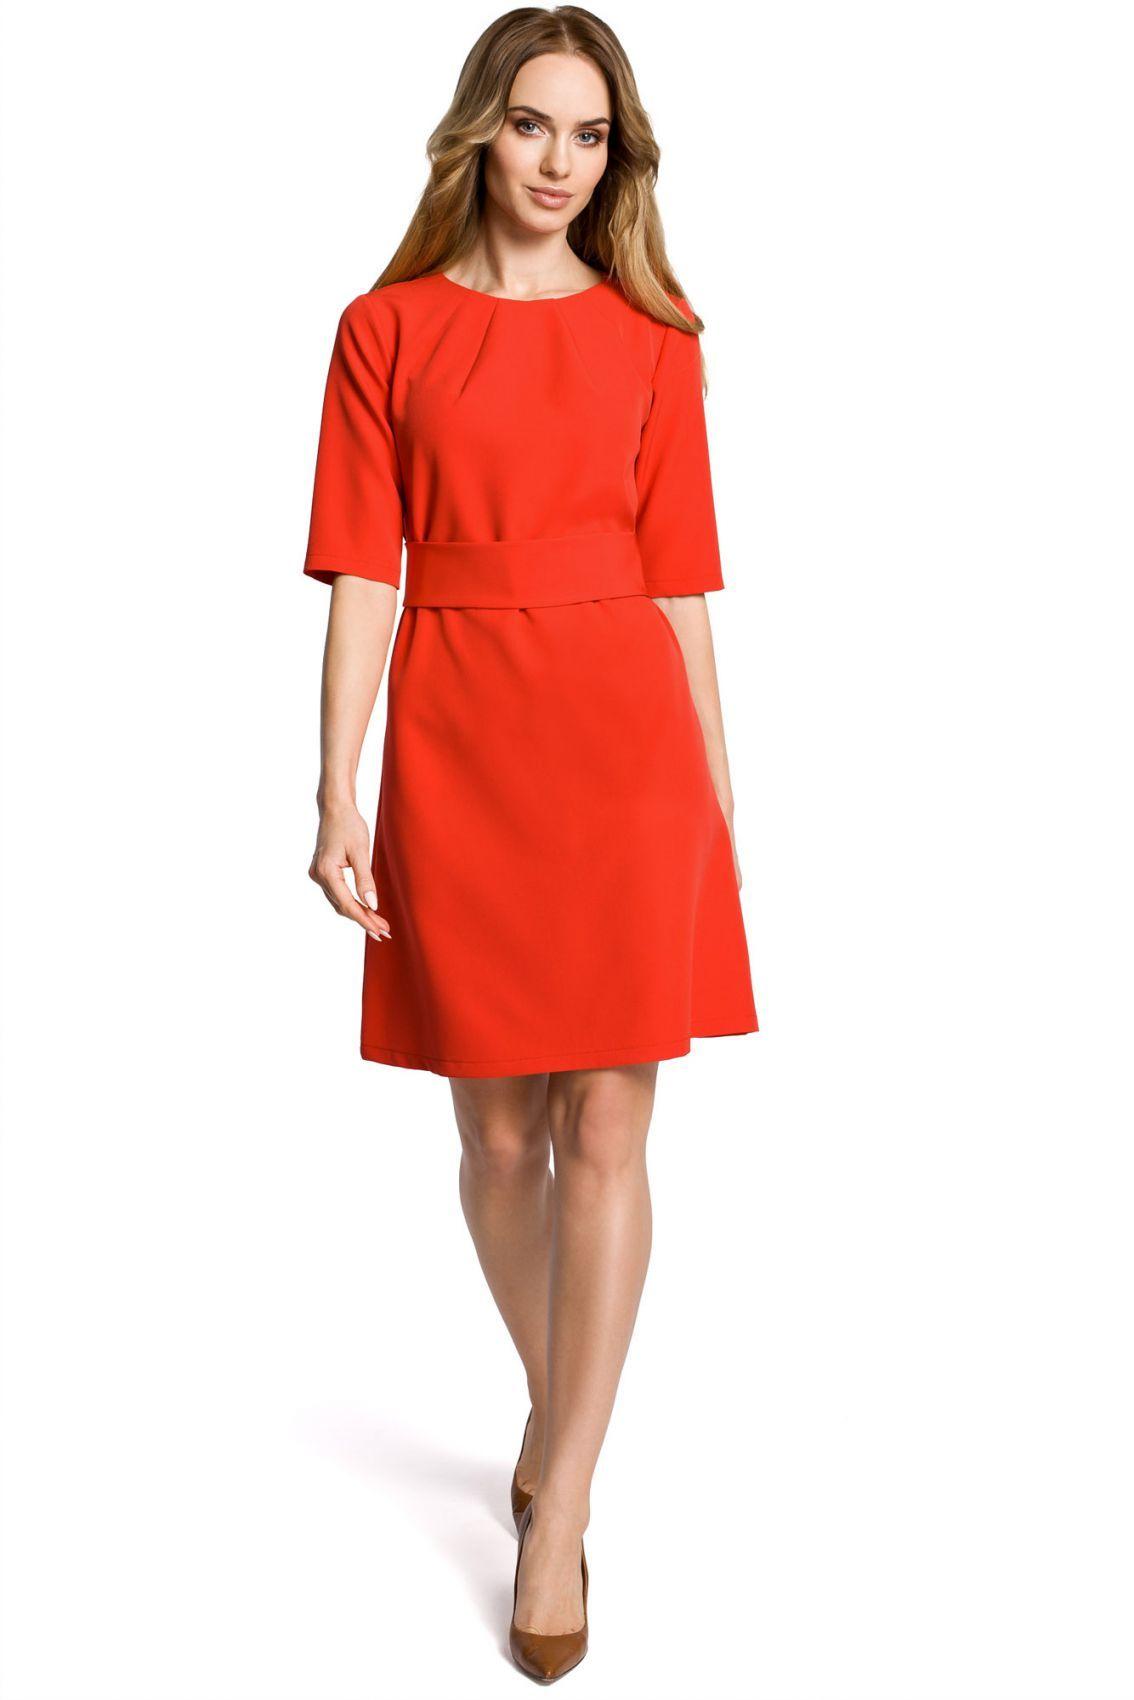 M362 sukienka czerwona